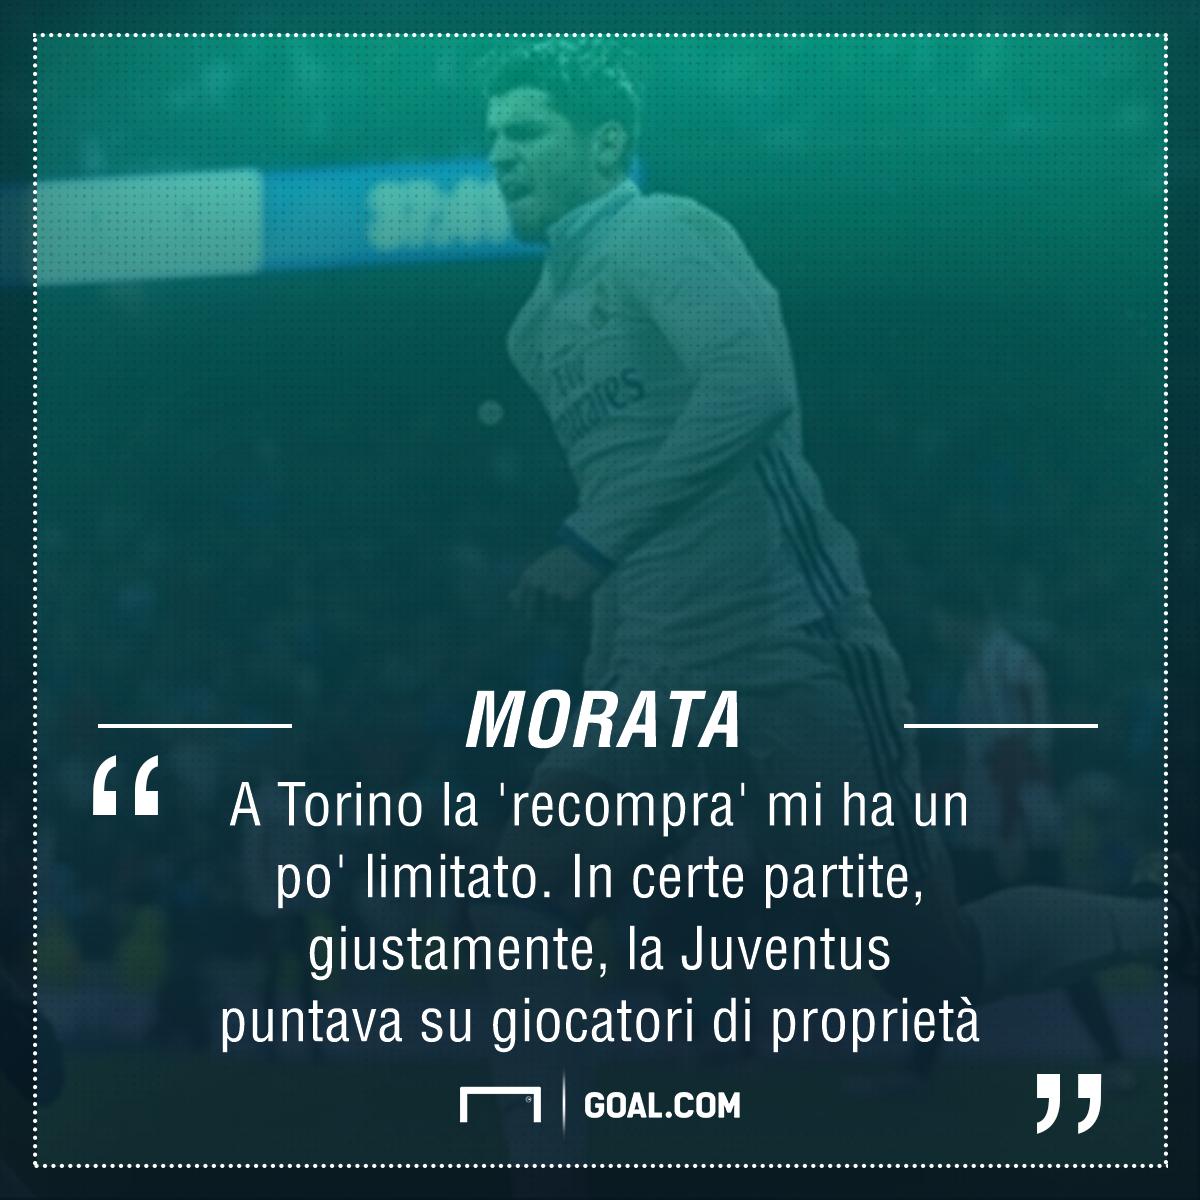 Morata lancia messaggi di amore alla Juventus!